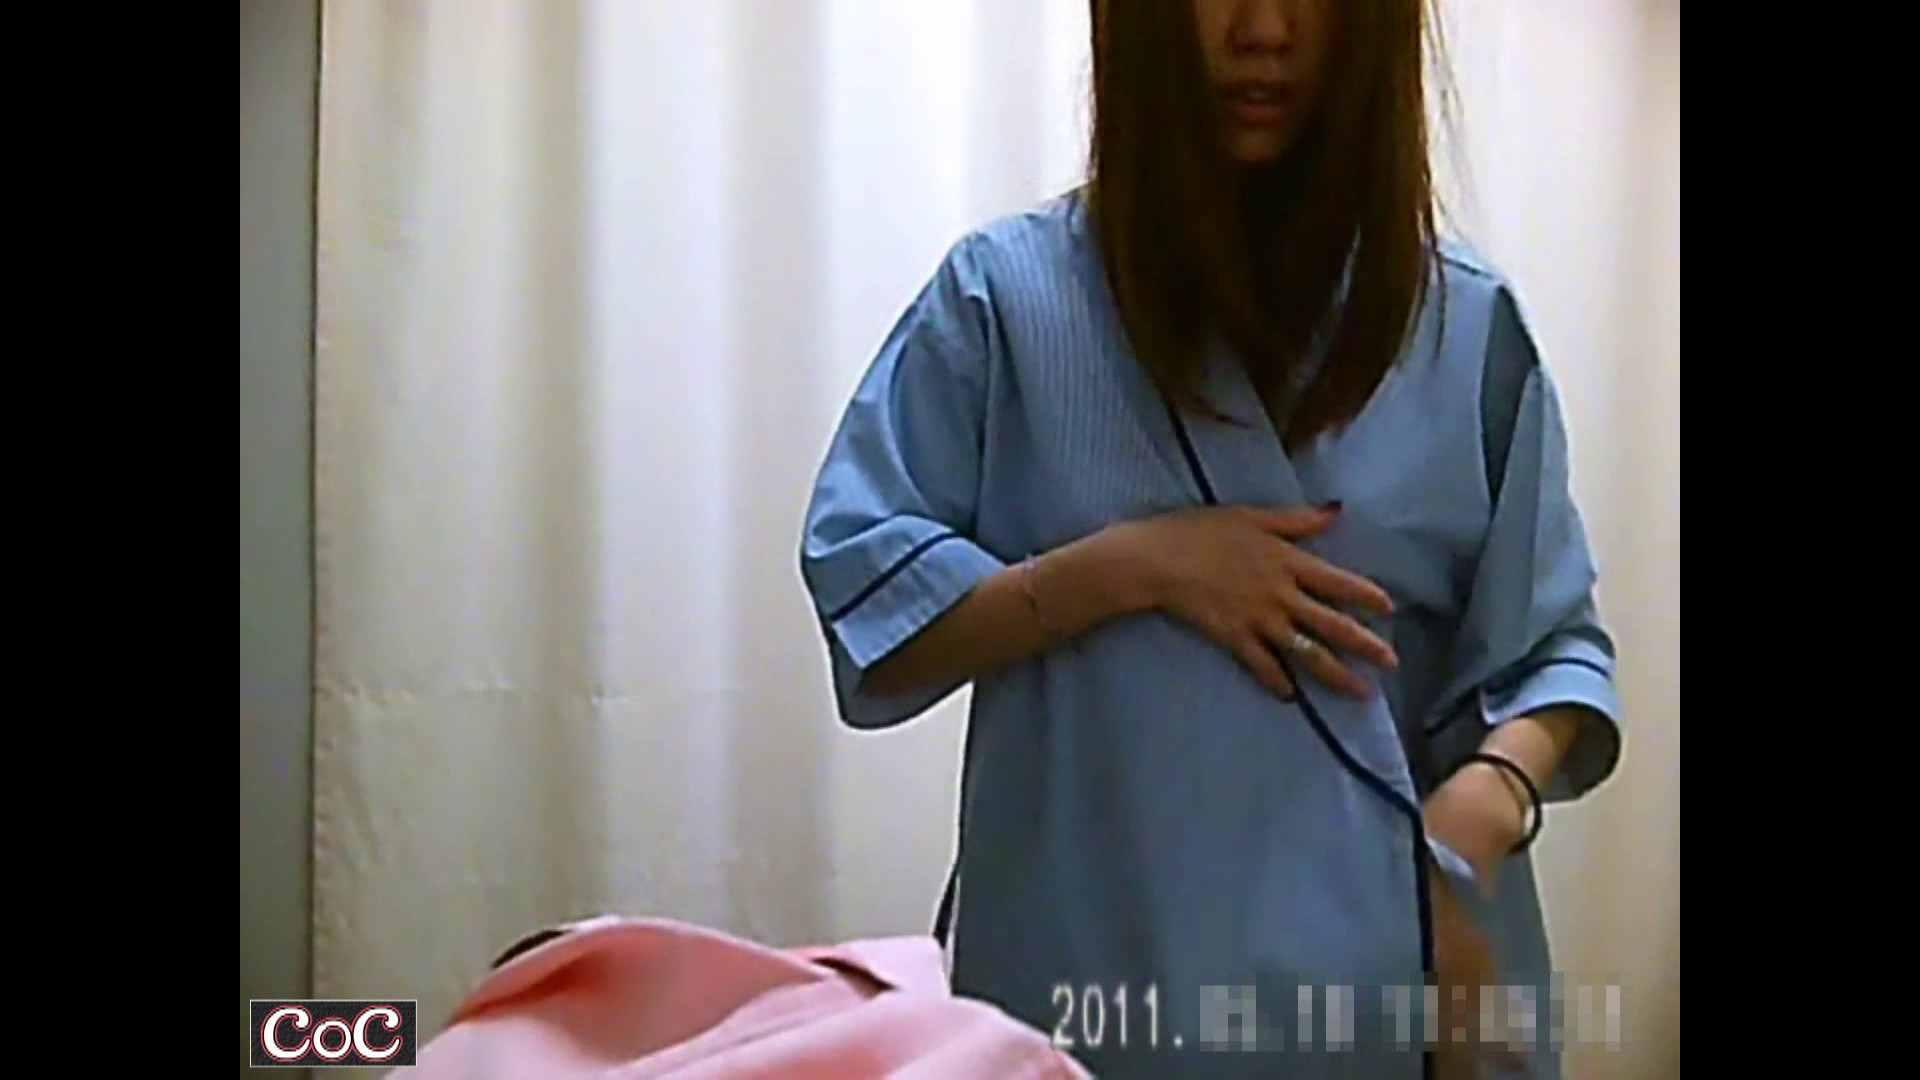 病院おもいっきり着替え! vol.136 おっぱい ヌード画像 104pic 4